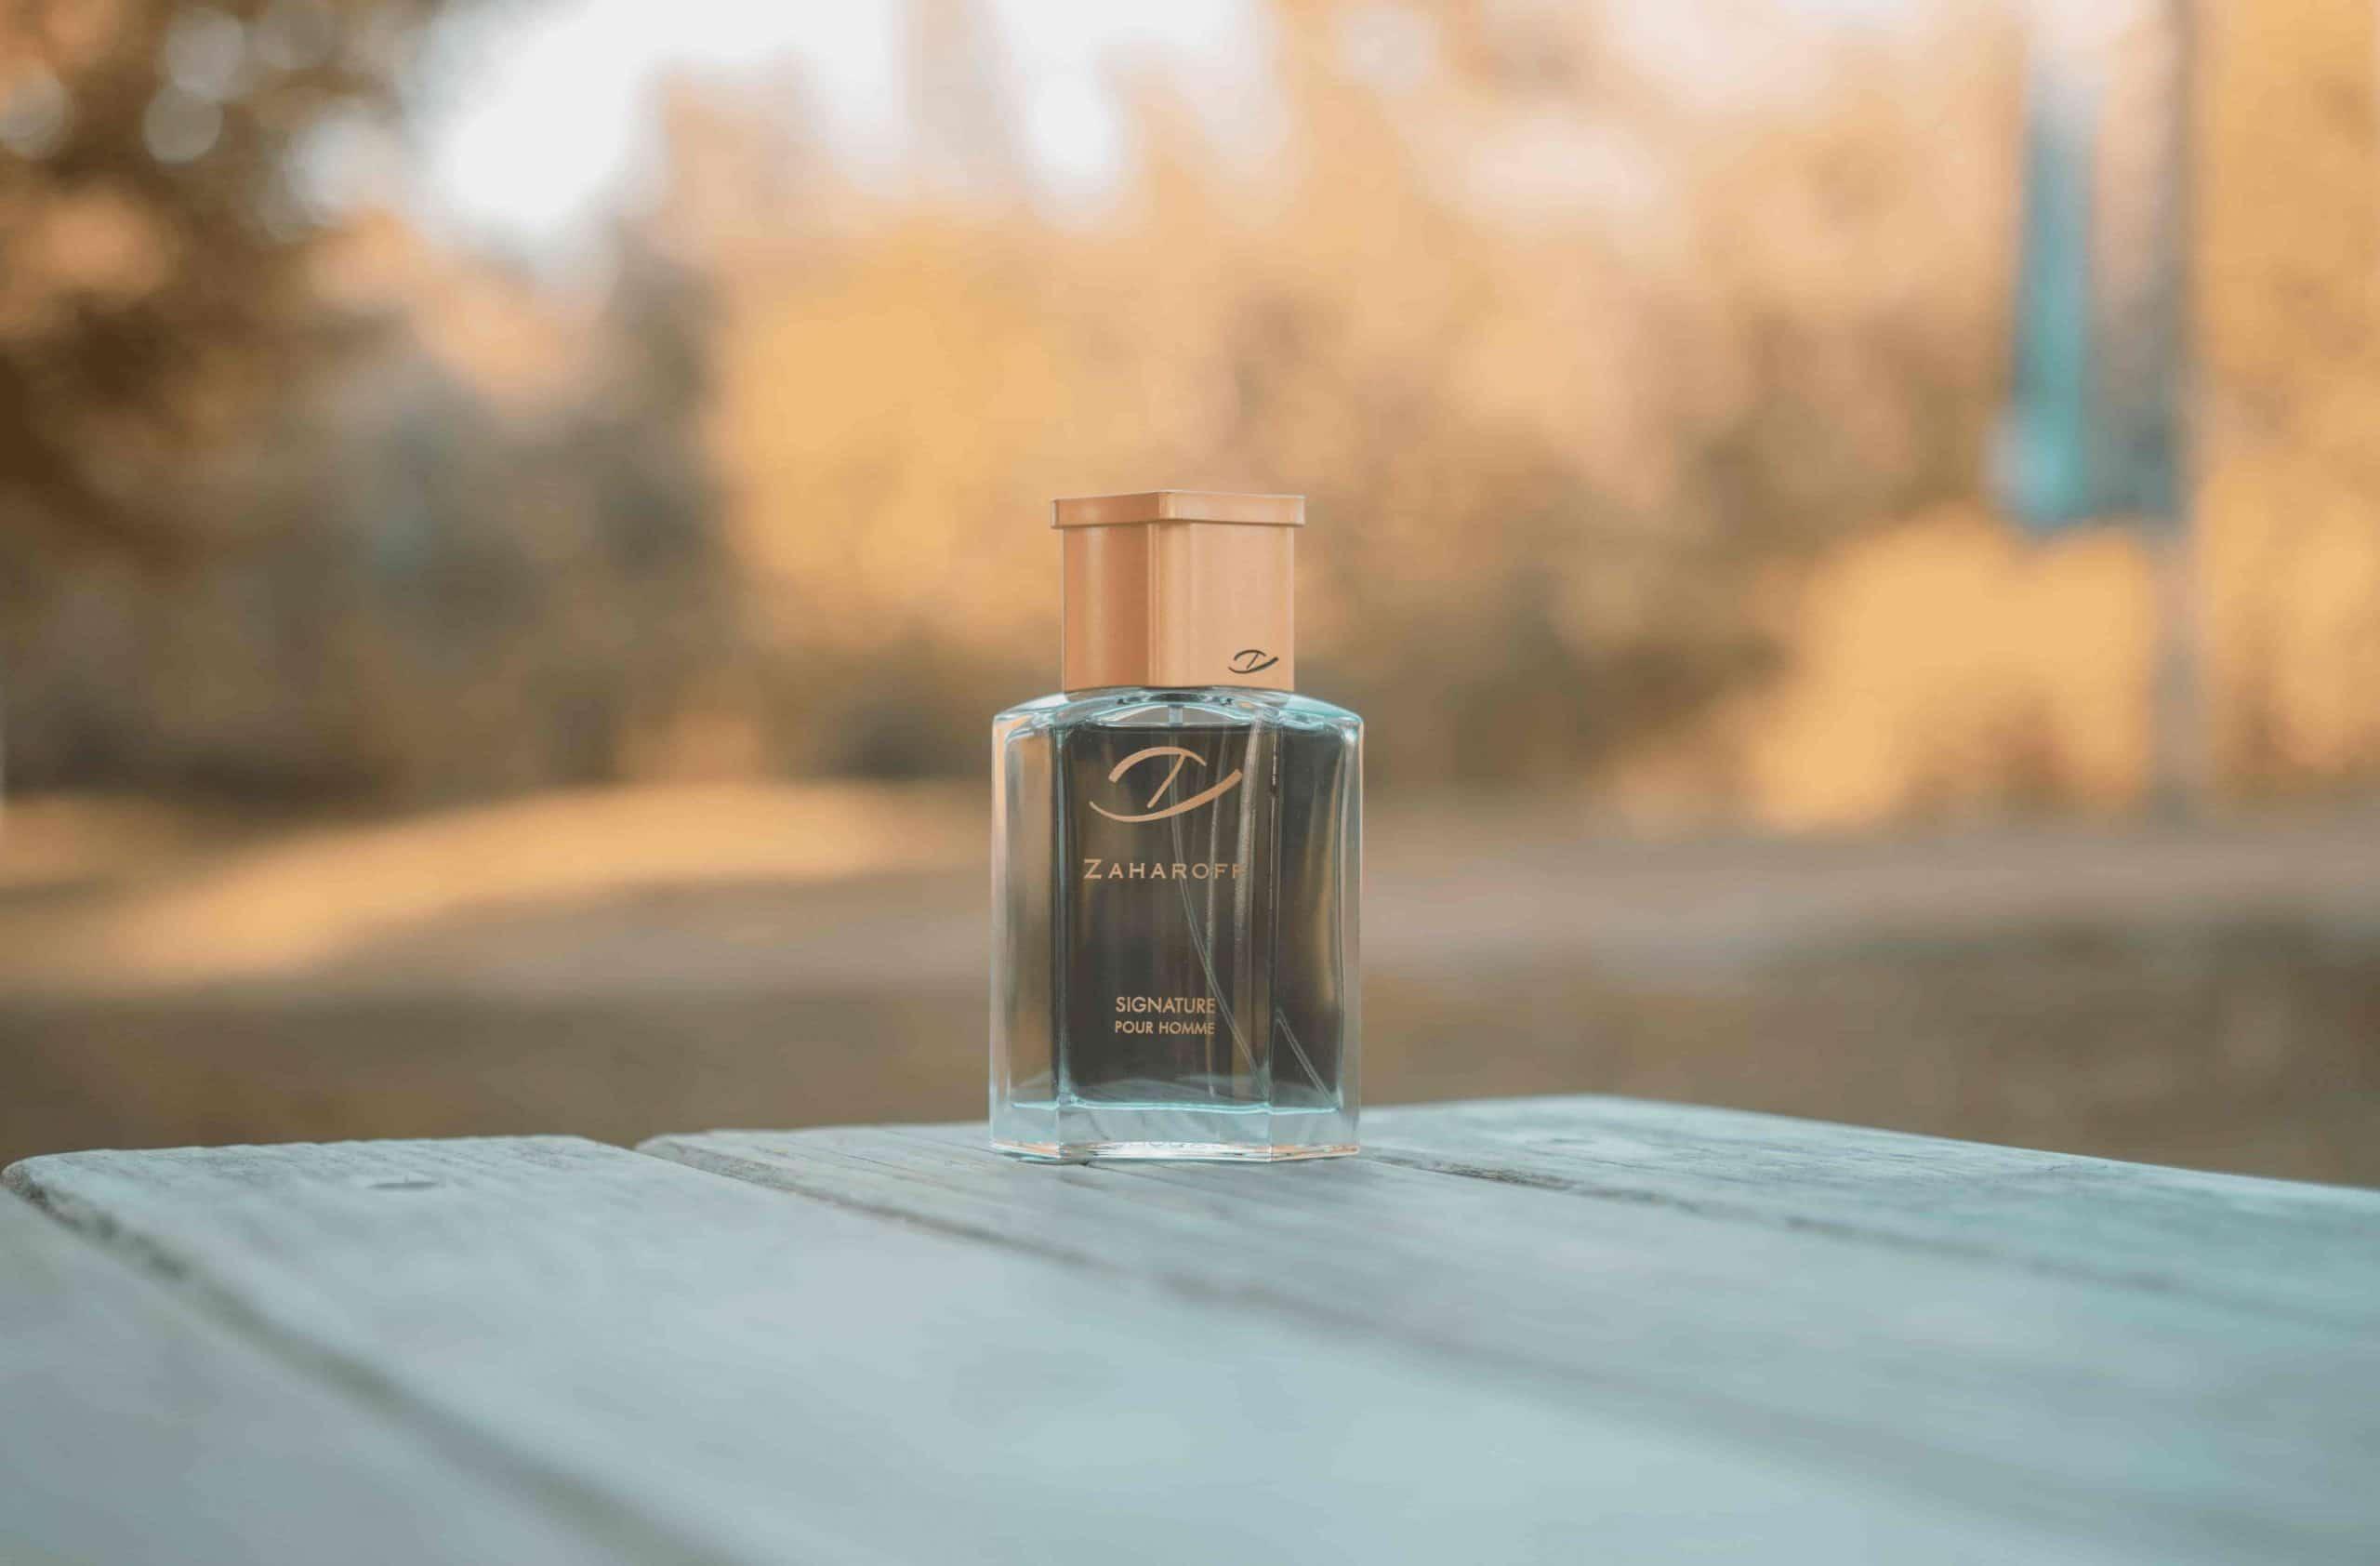 Zaharoff Signature bottle scaled